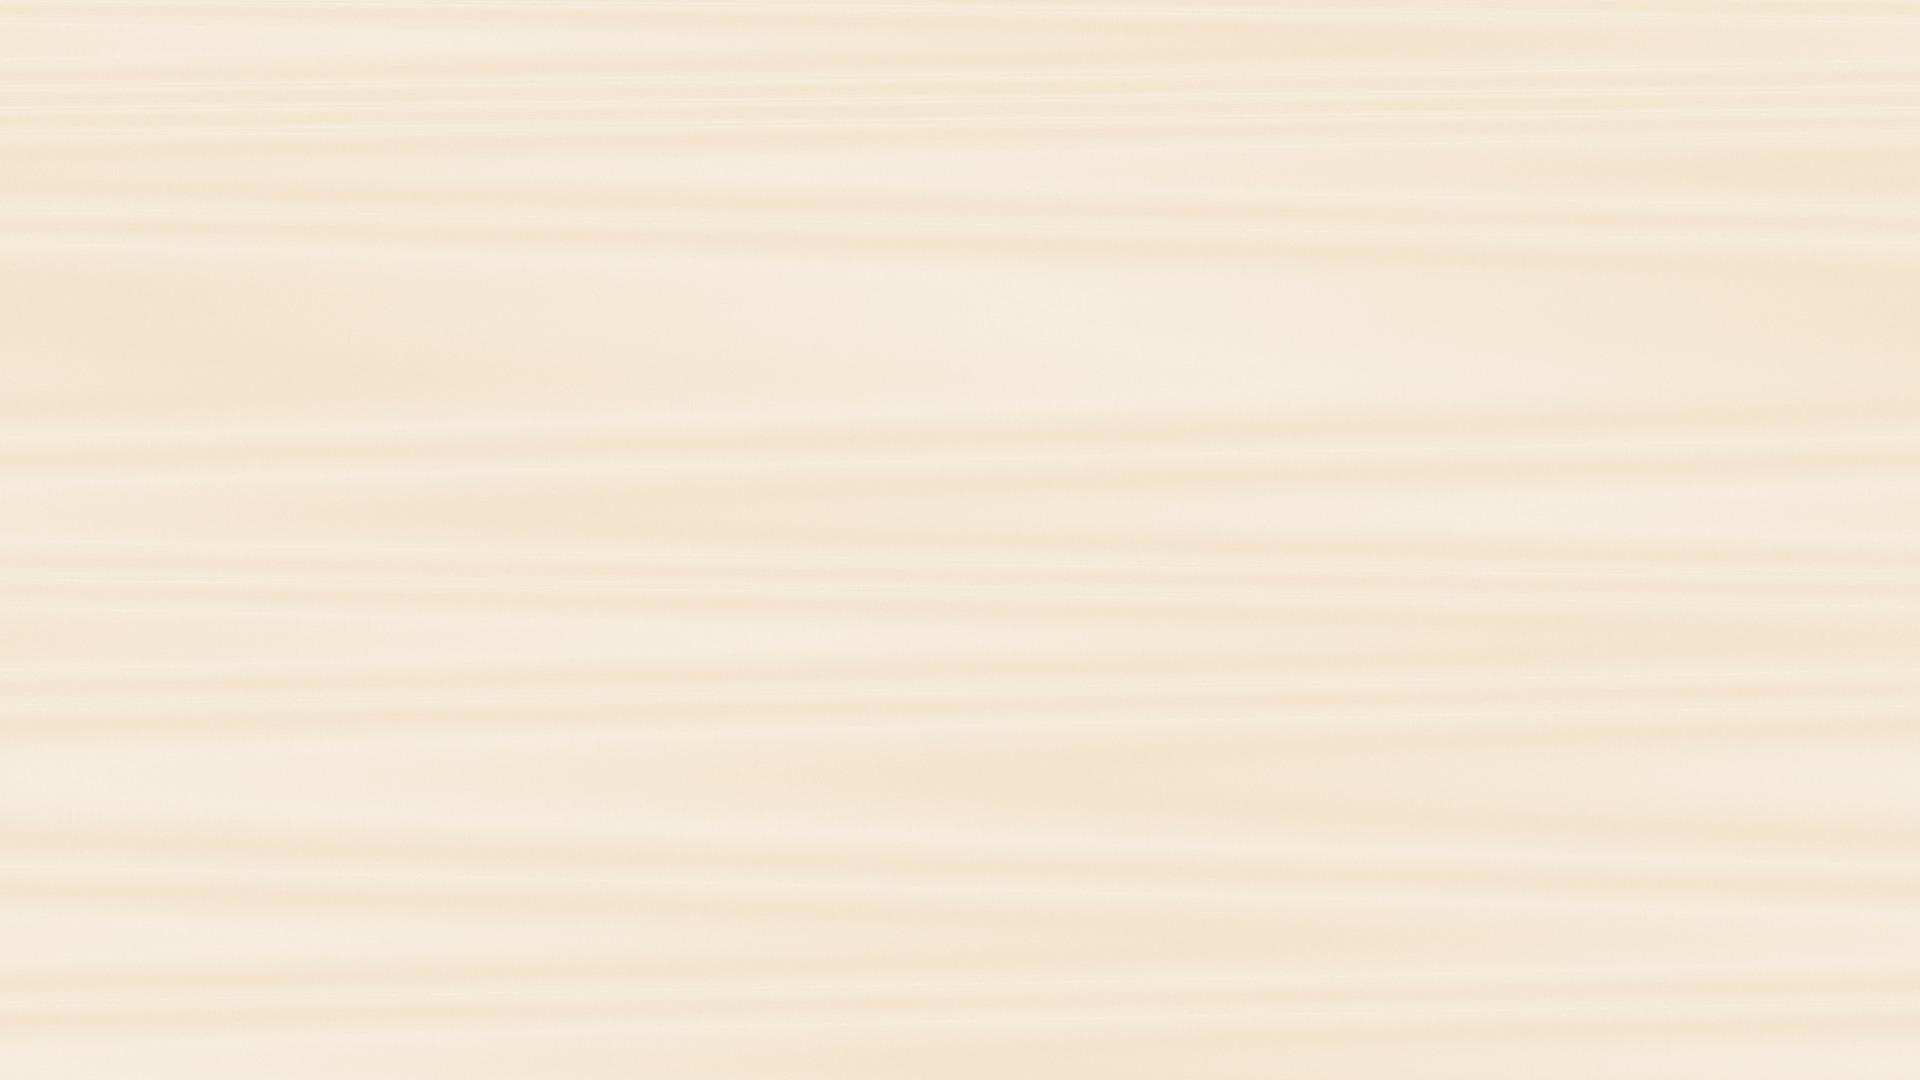 木目模様 壁紙背景画像_mokume3